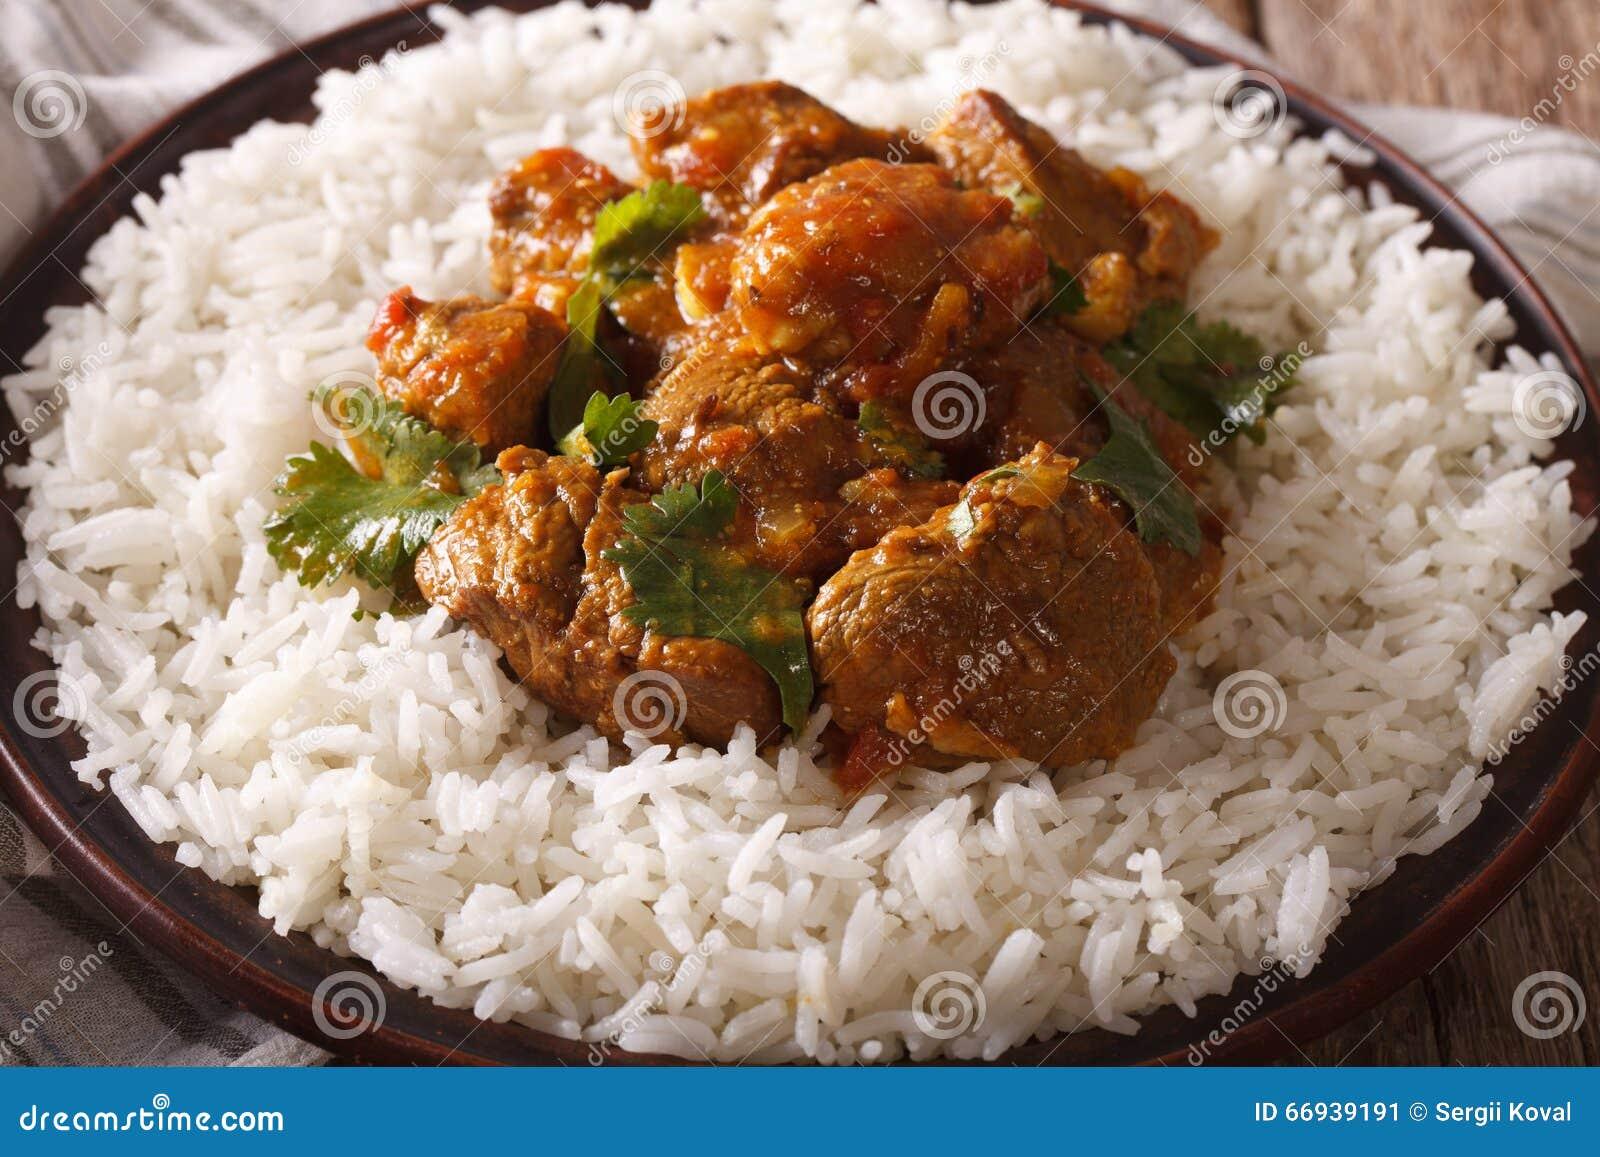 Cucina Indiana: Manzo Madras Con Il Primo Piano Del Riso Basmati ...